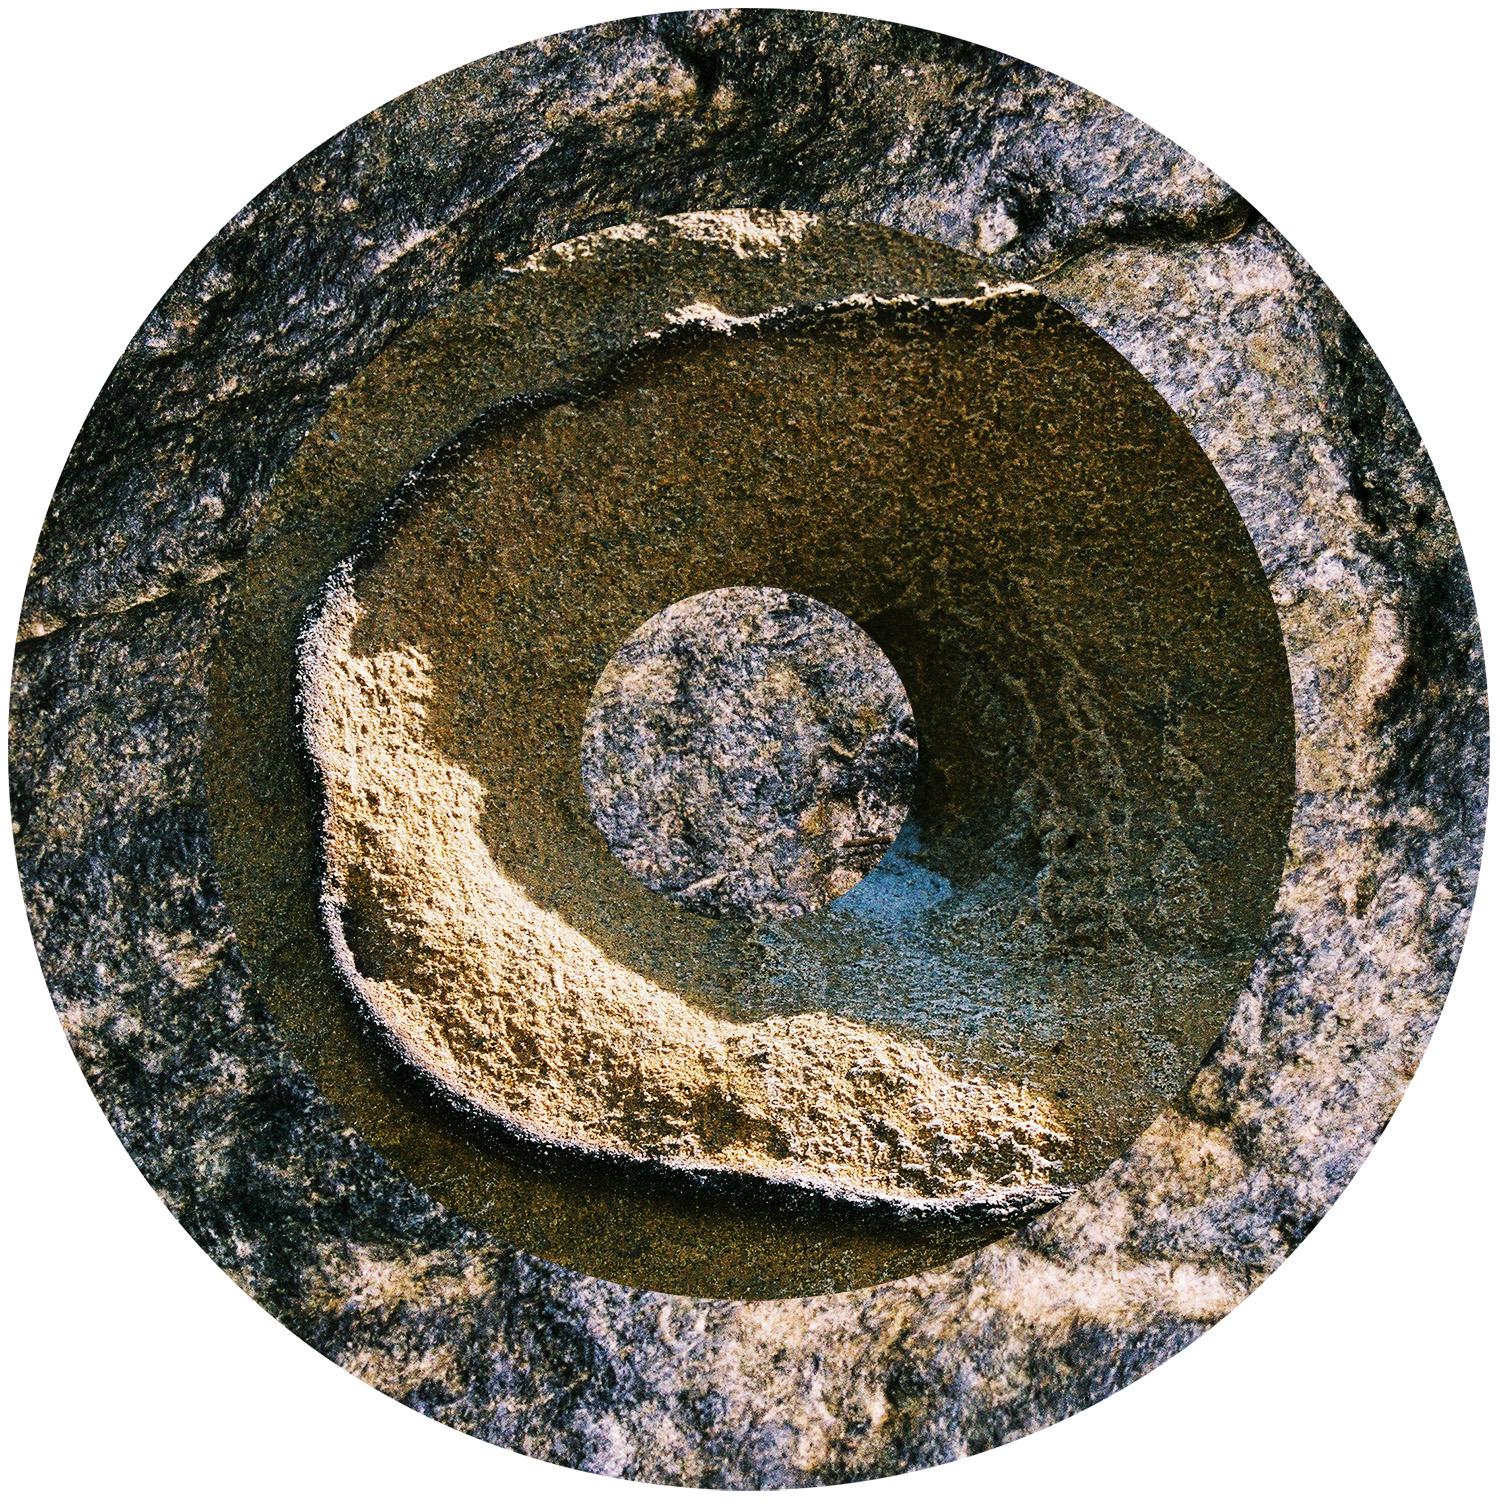 rock composite 8.jpg